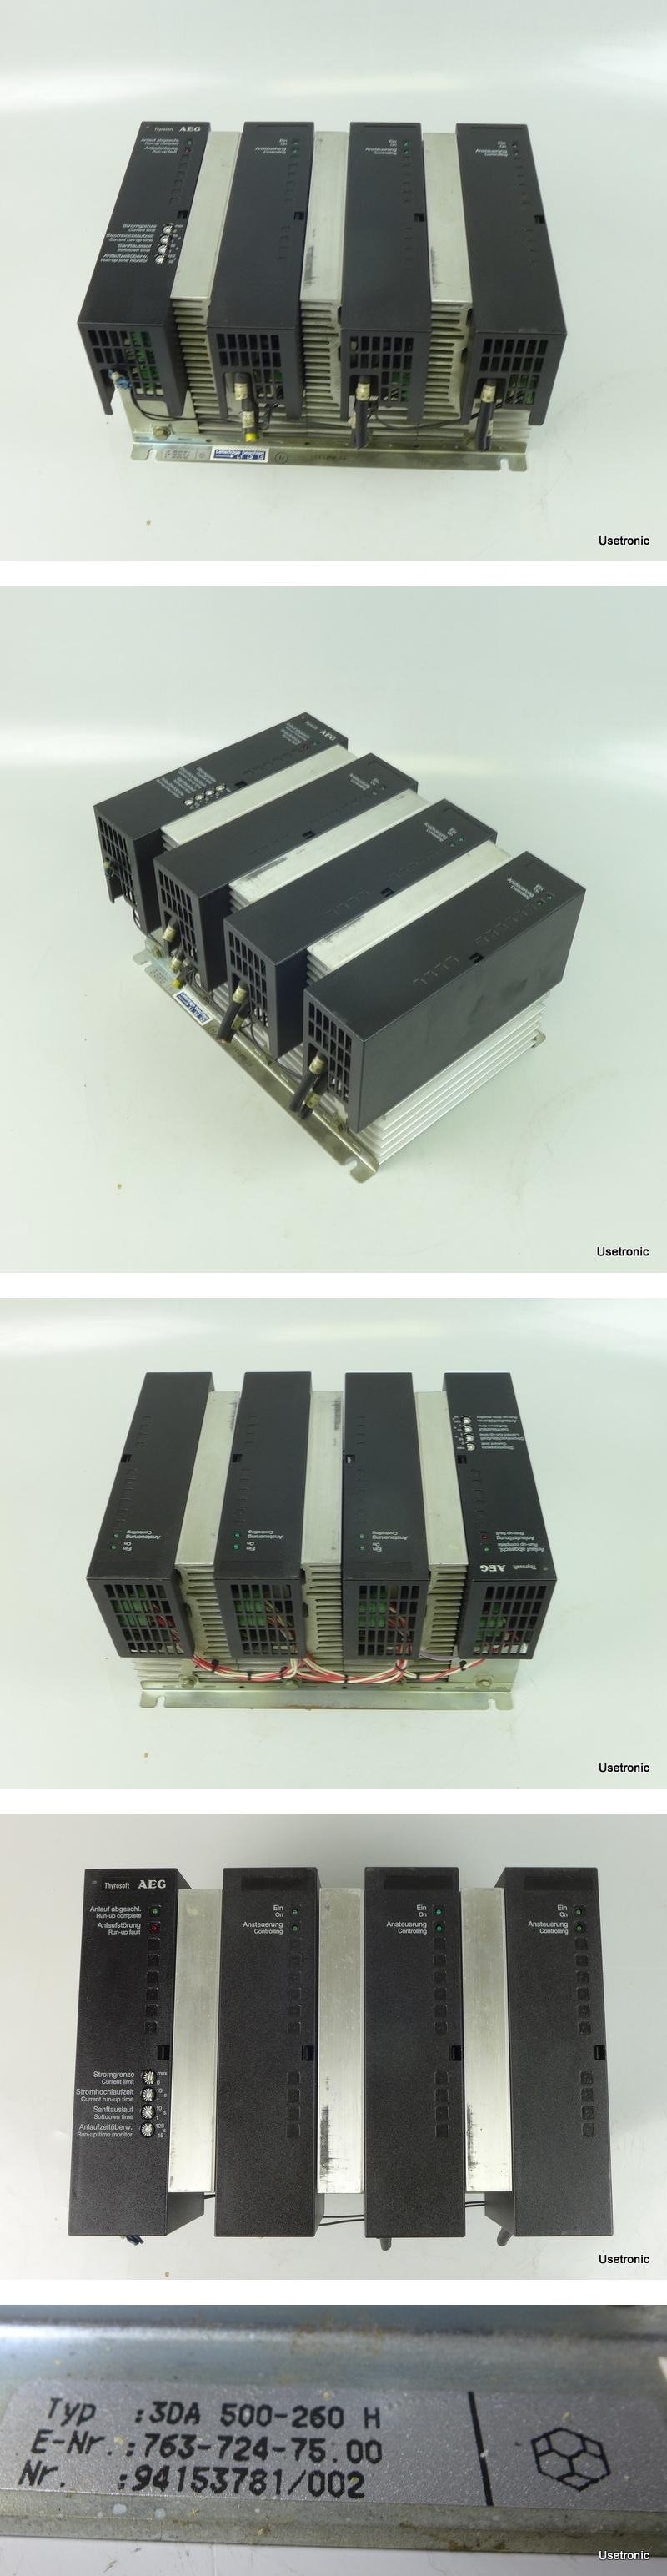 AEG 3DA500-260 H